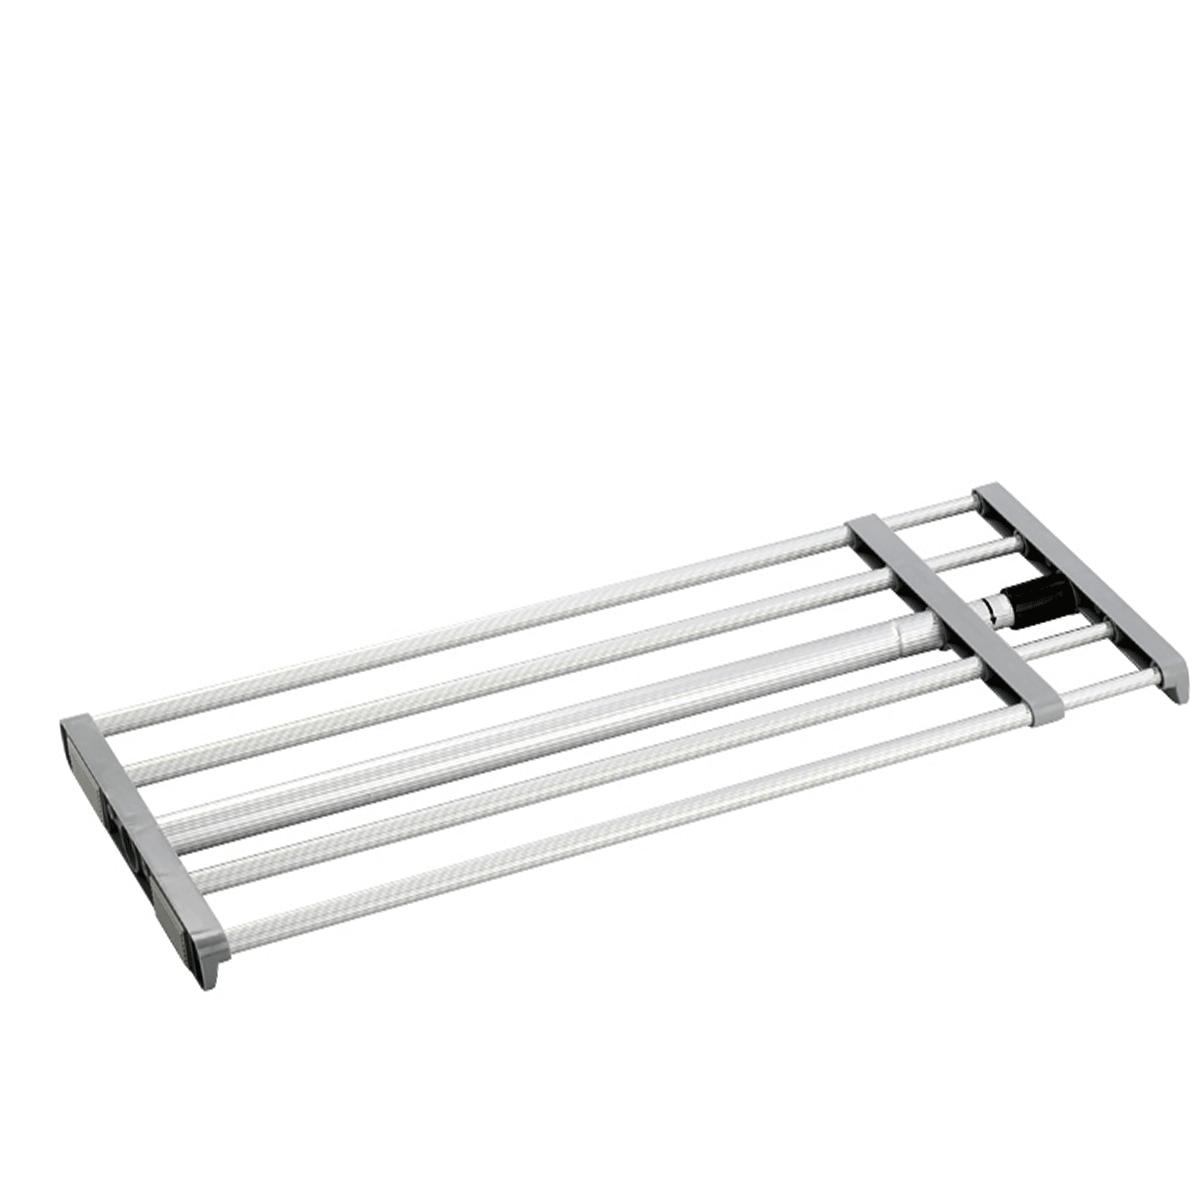 Etag re extensible pour placard rangement - Etagere aluminium cuisine ...